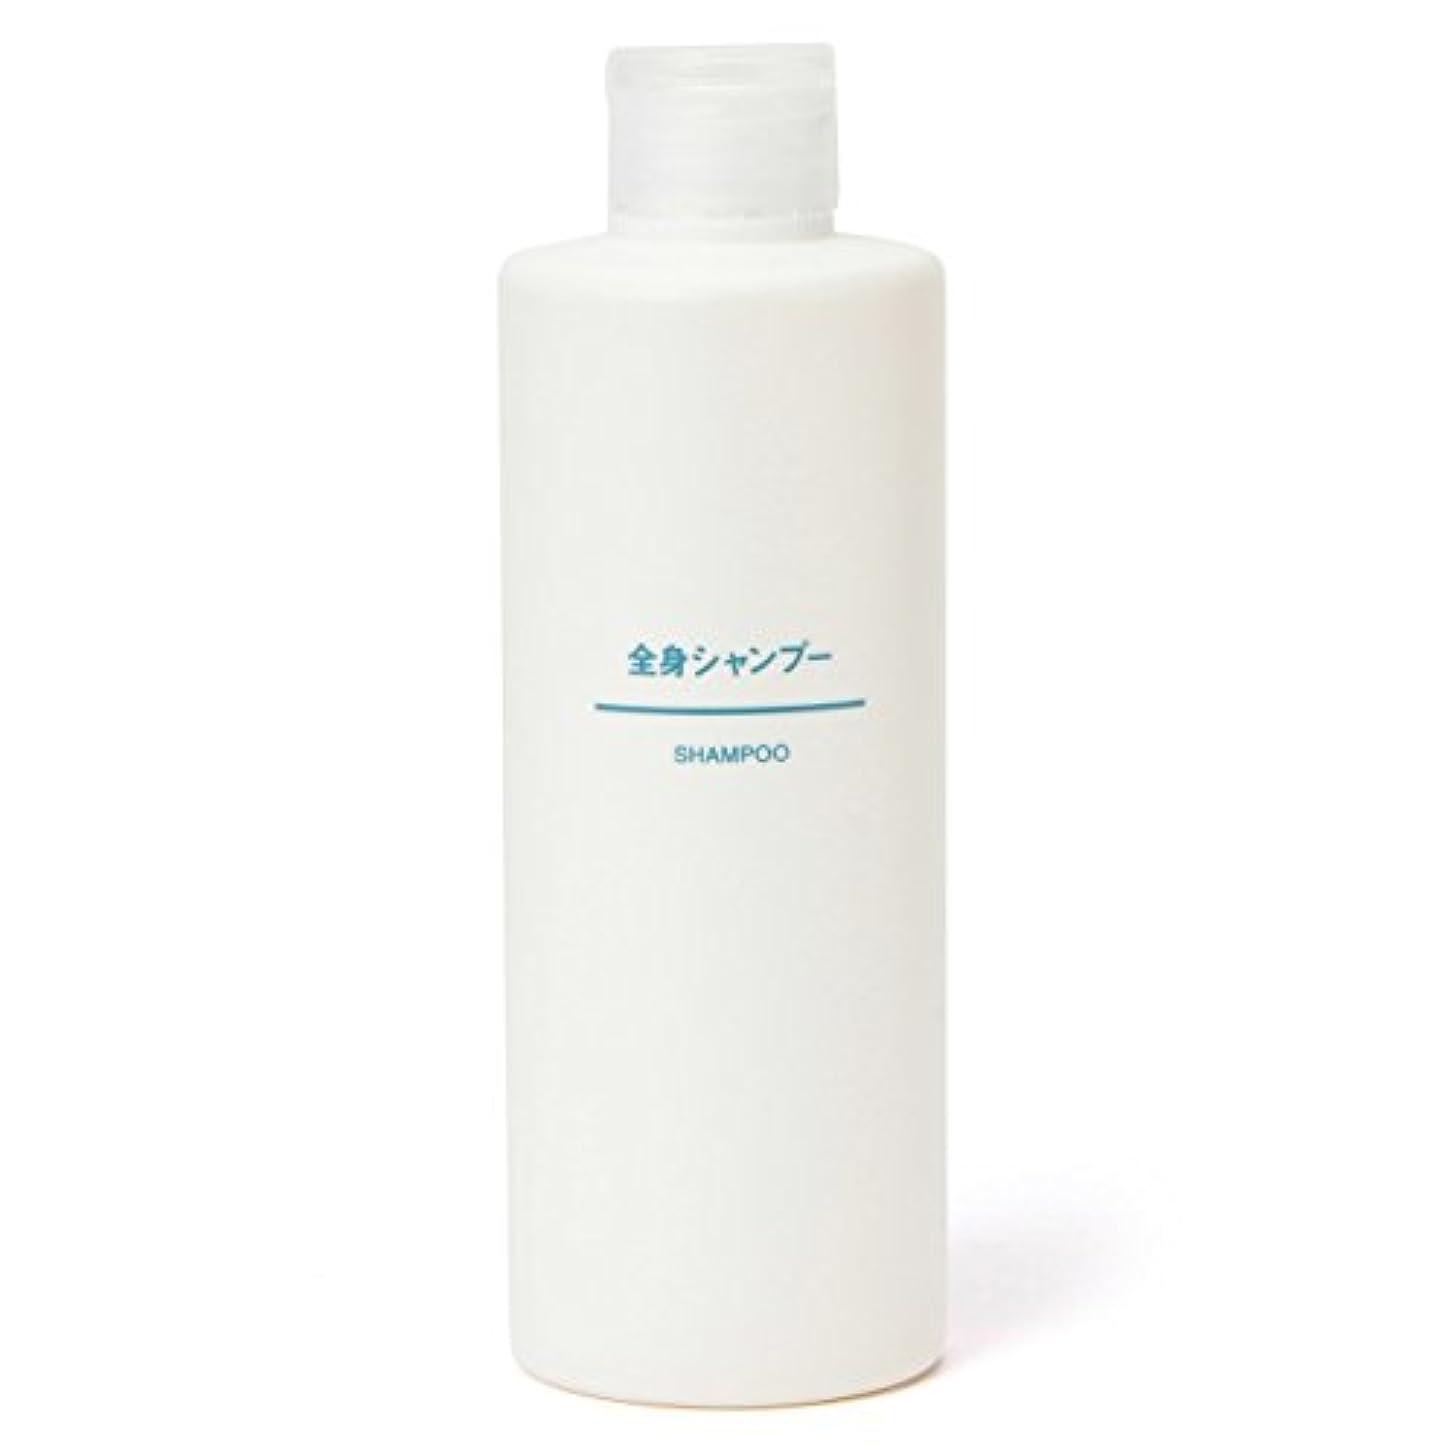 生態学モロニックリース無印良品 全身シャンプー 300ml 日本製